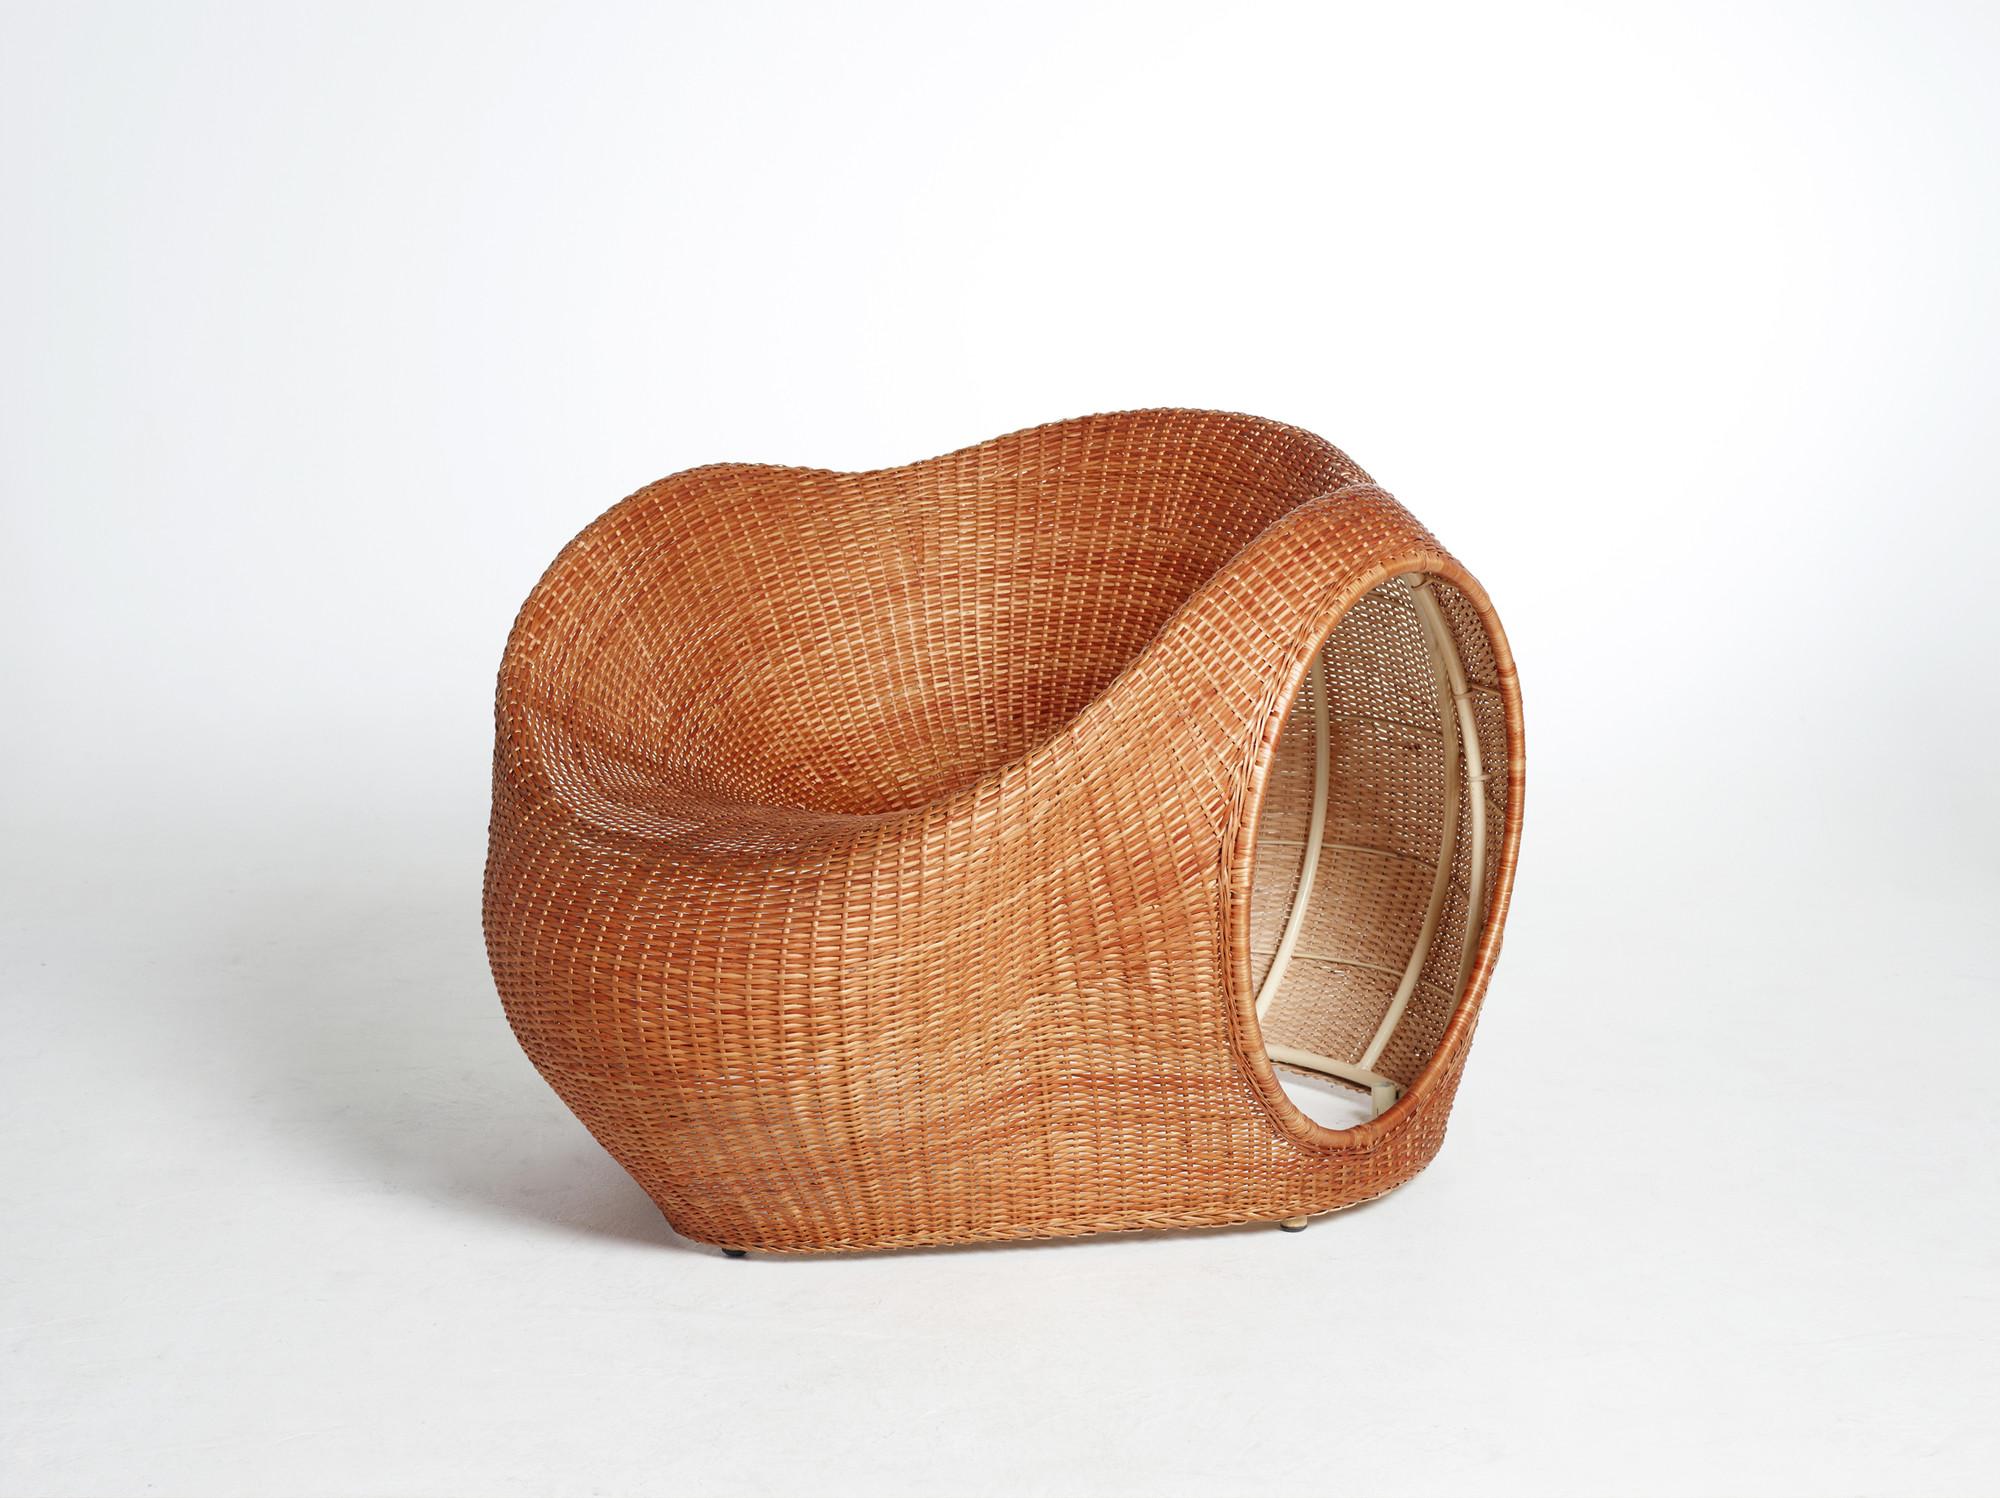 Silla Amalia / Eggpicnic